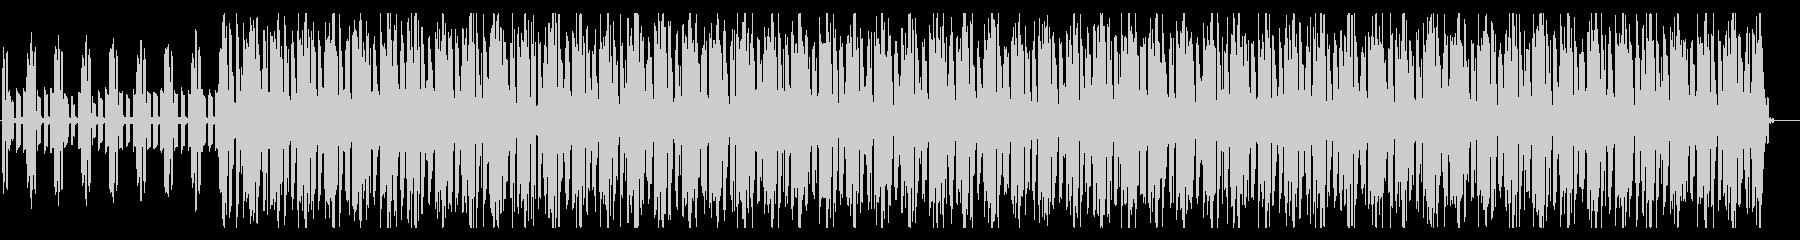 スローテンポでまったりとした曲調のEDMの未再生の波形